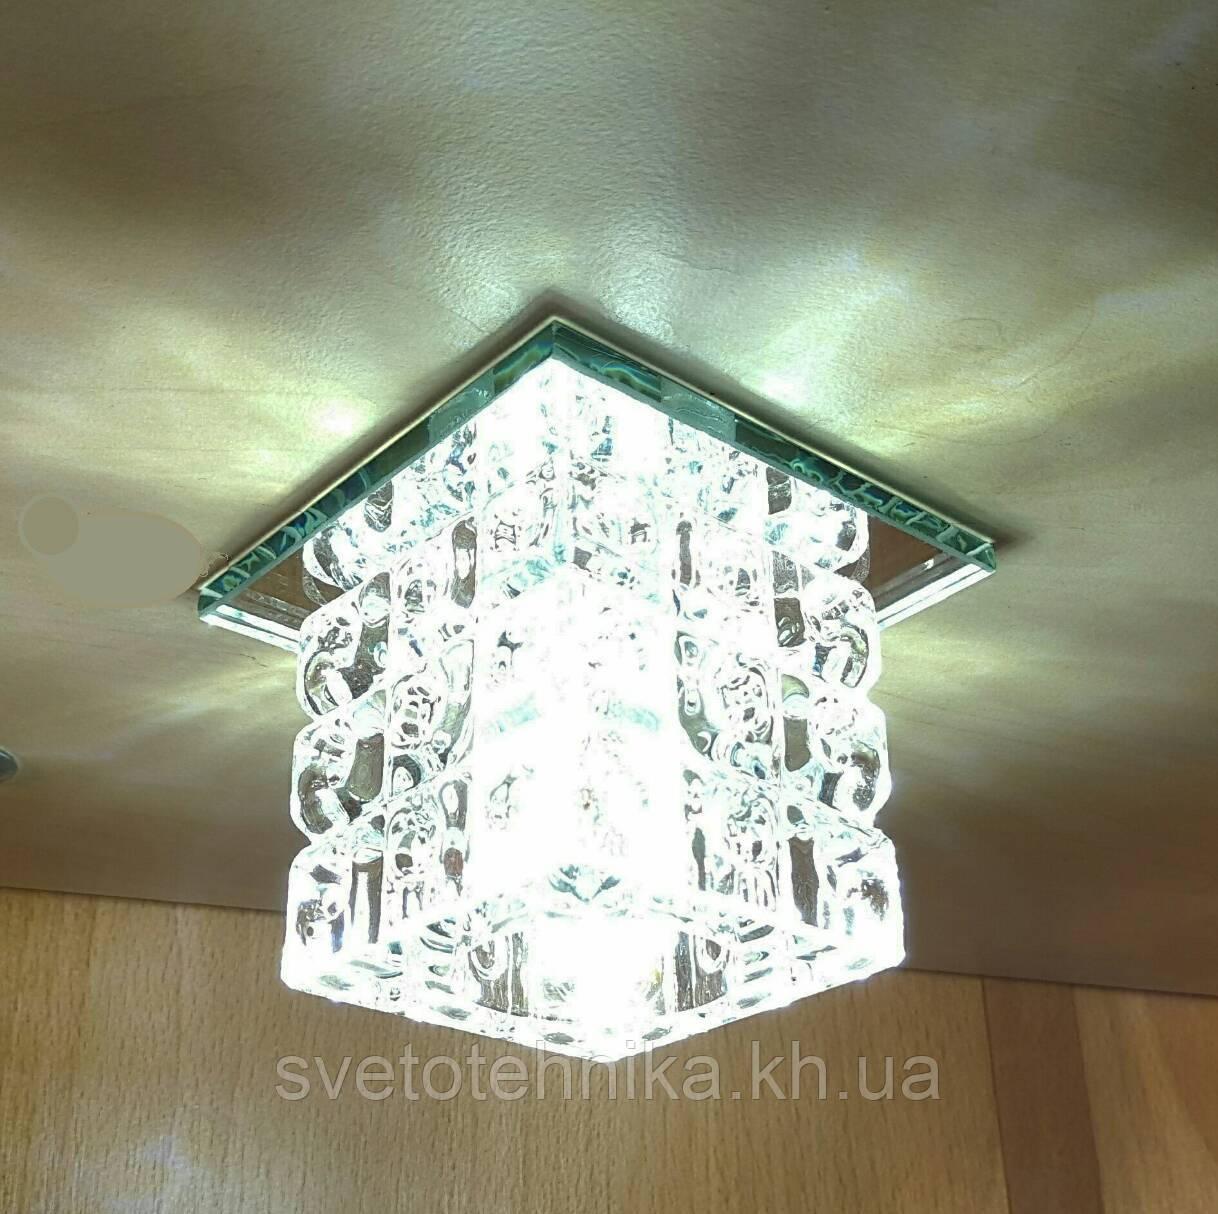 Светильник точечный декоративный с кристаллом Z-Light ZA073 хром